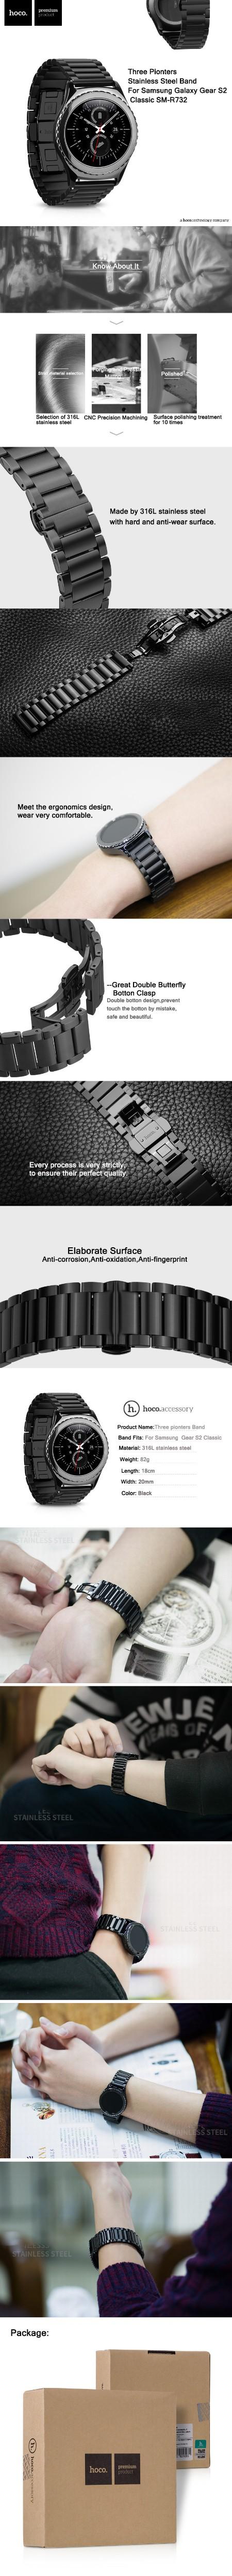 Носо 2016 Горячая Продажа 20 мм Черный Ссылку Браслет Из Нержавеющей Стали Группа Для Samsung Galaxy Gear S2 Классический SM-R732 Красивой Упаковке